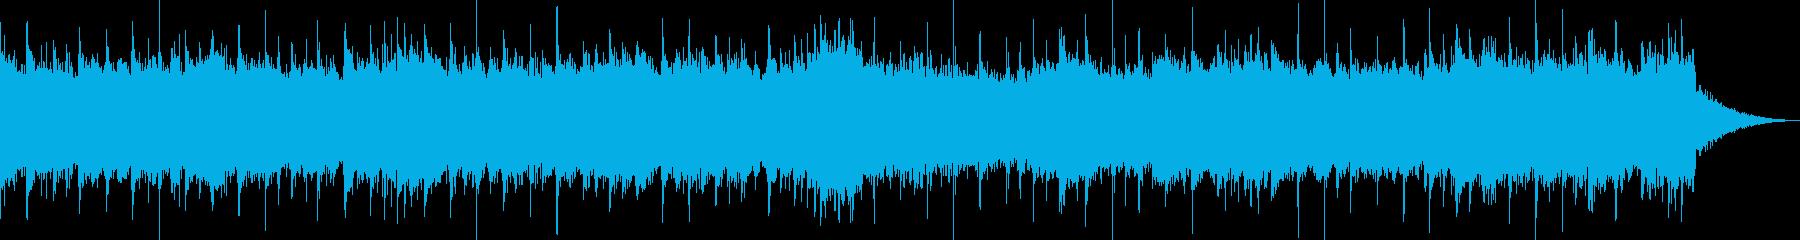 重々しいメタル調のロックですの再生済みの波形